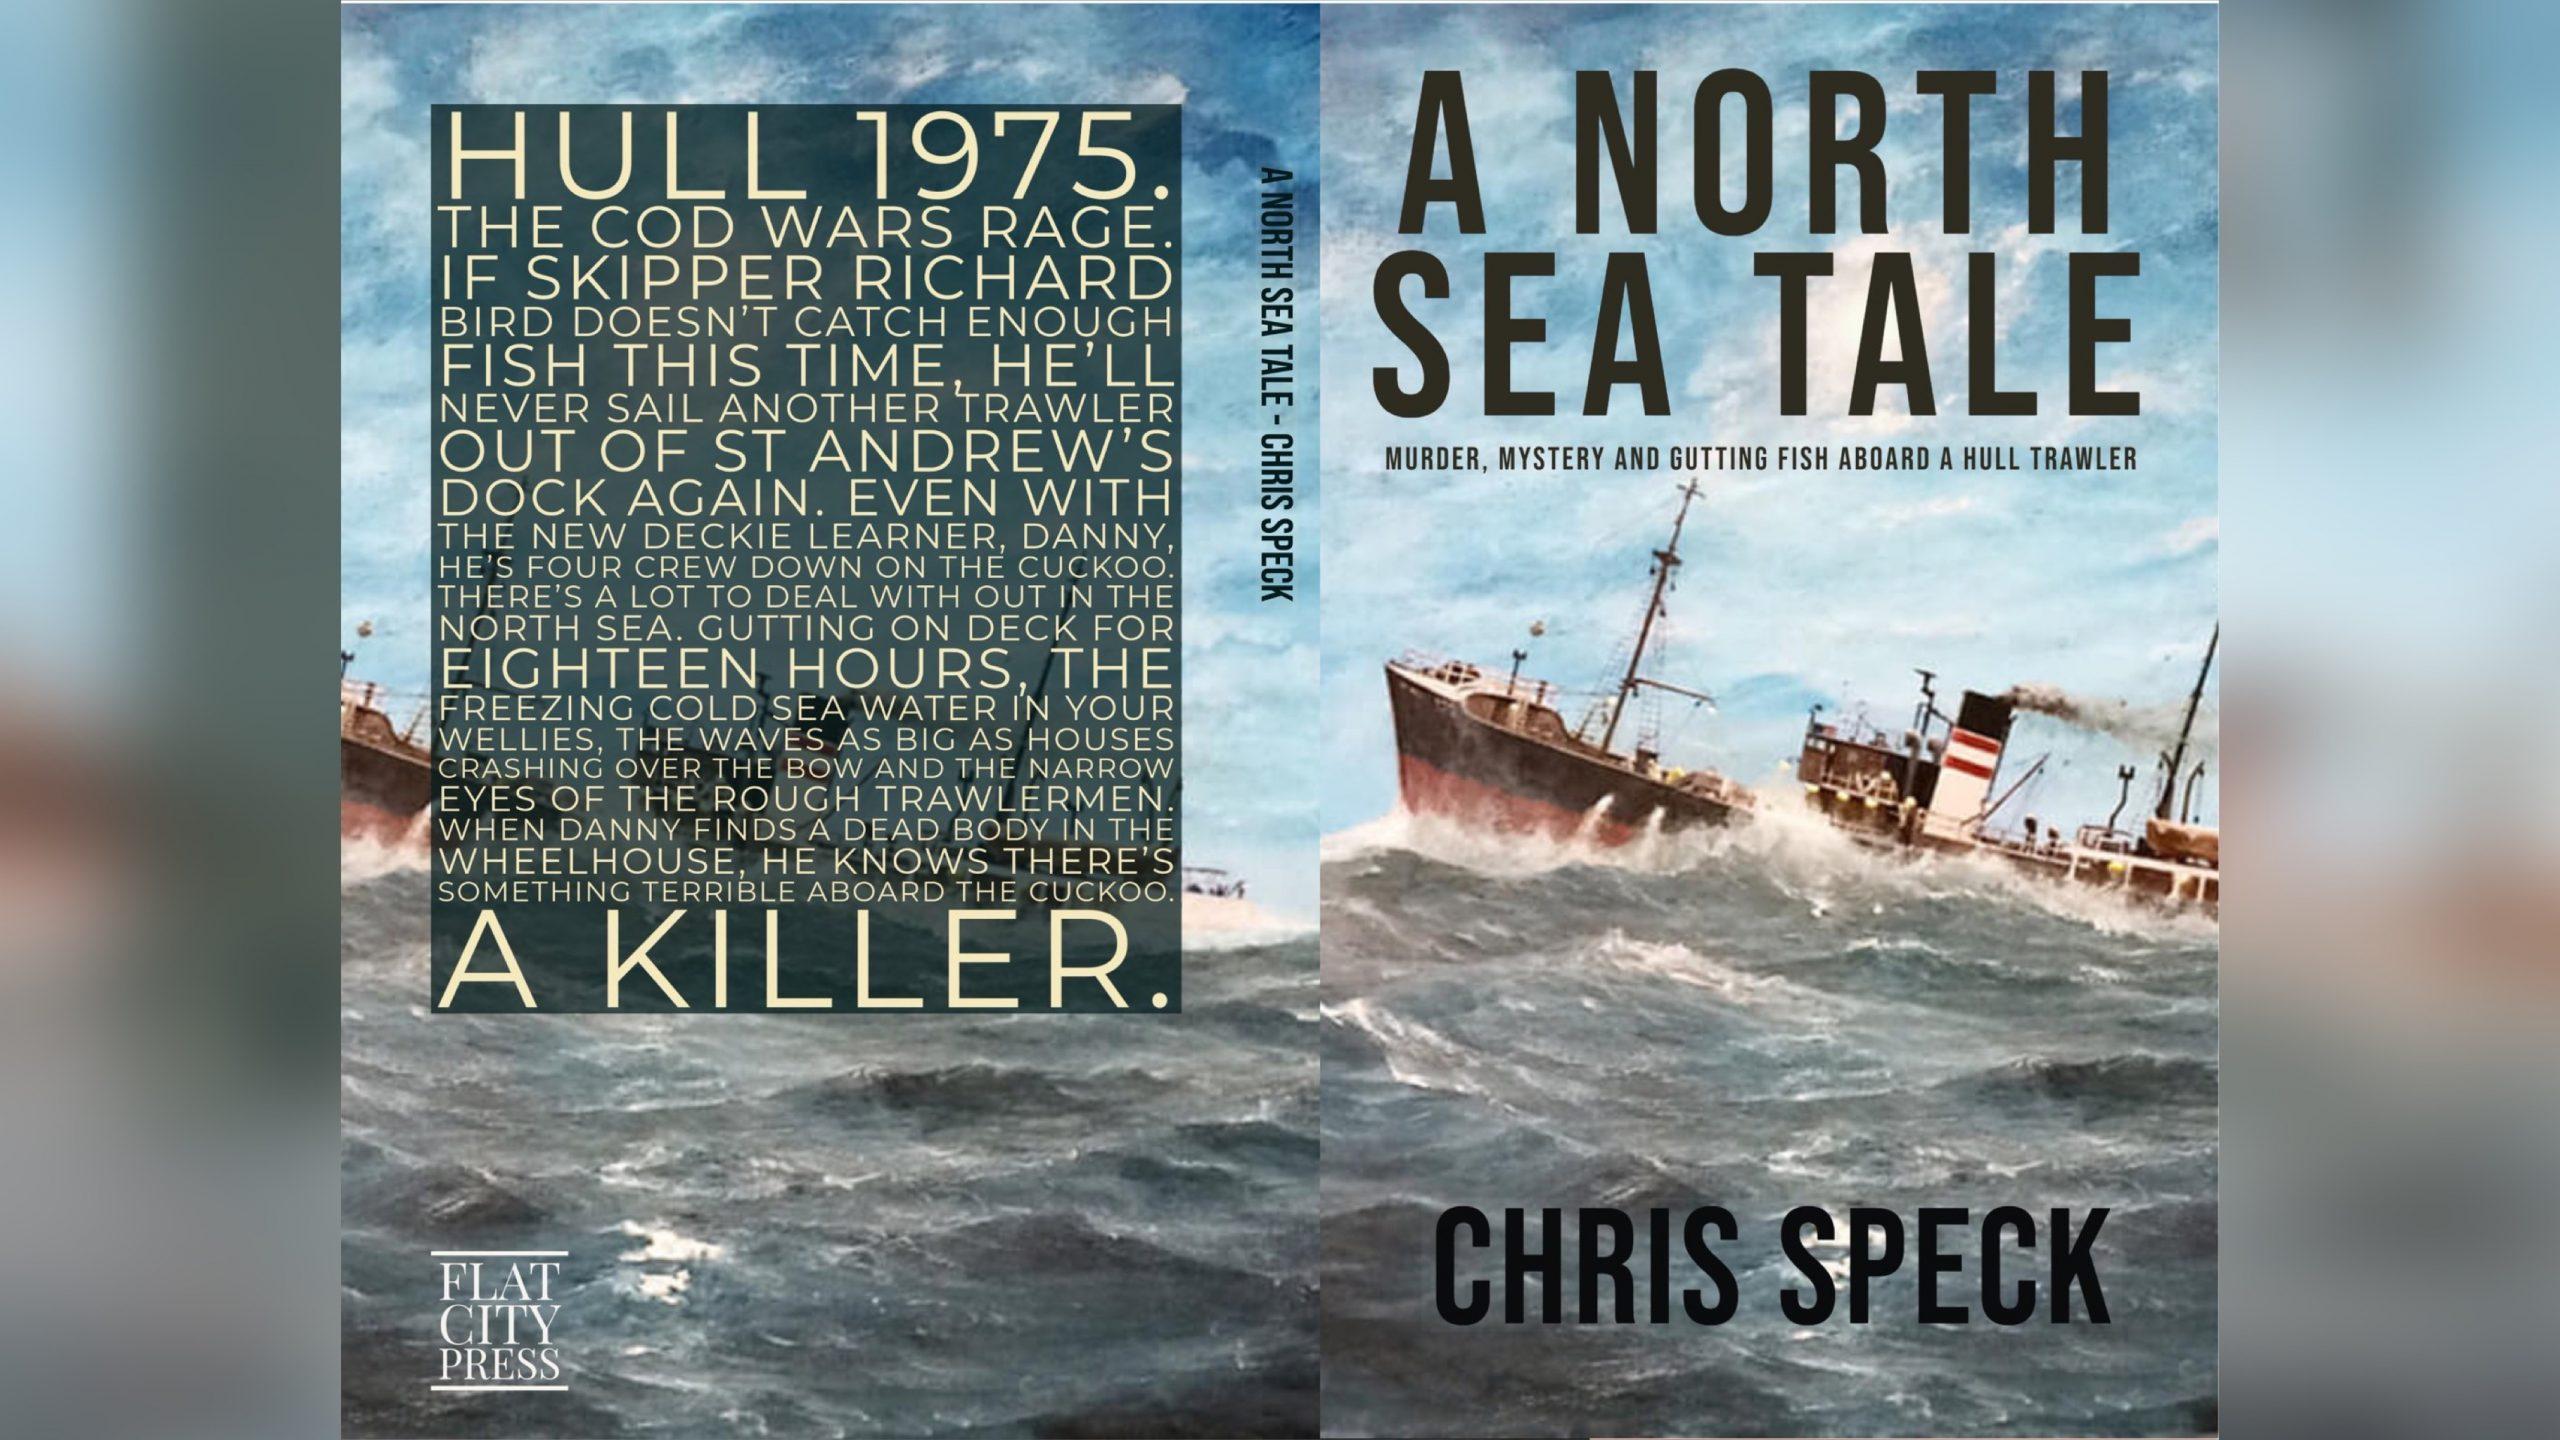 A North Sea Tale